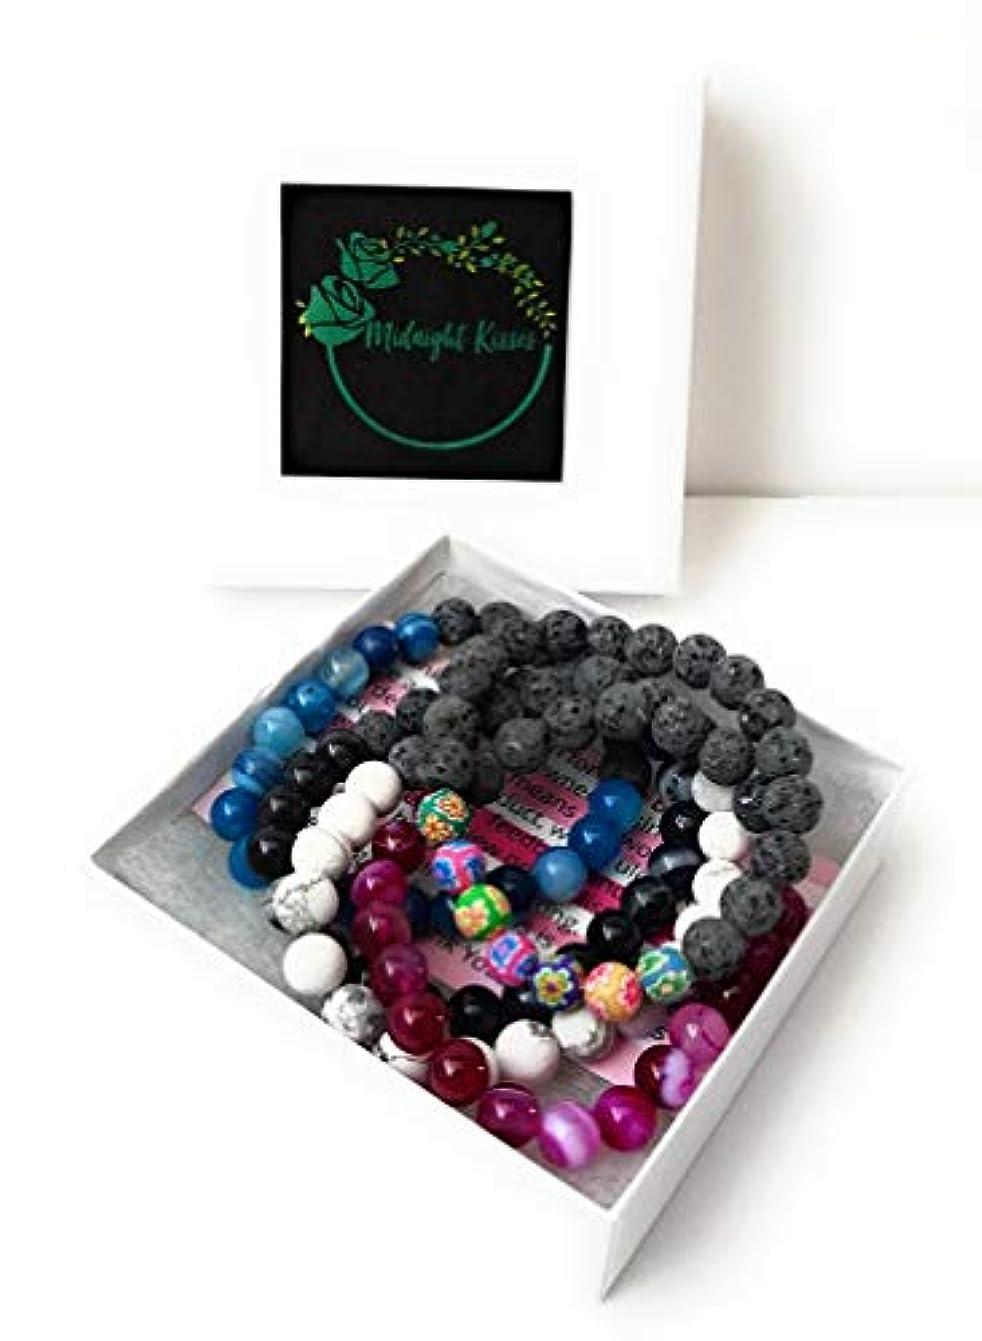 販売計画フリル体現するAuthenticラバストーンブレスレットfor Women Essential Oilアロマテラピーの理想的なストレス&不安relief-chakra Diffuser Healing Rock beads-meditation...